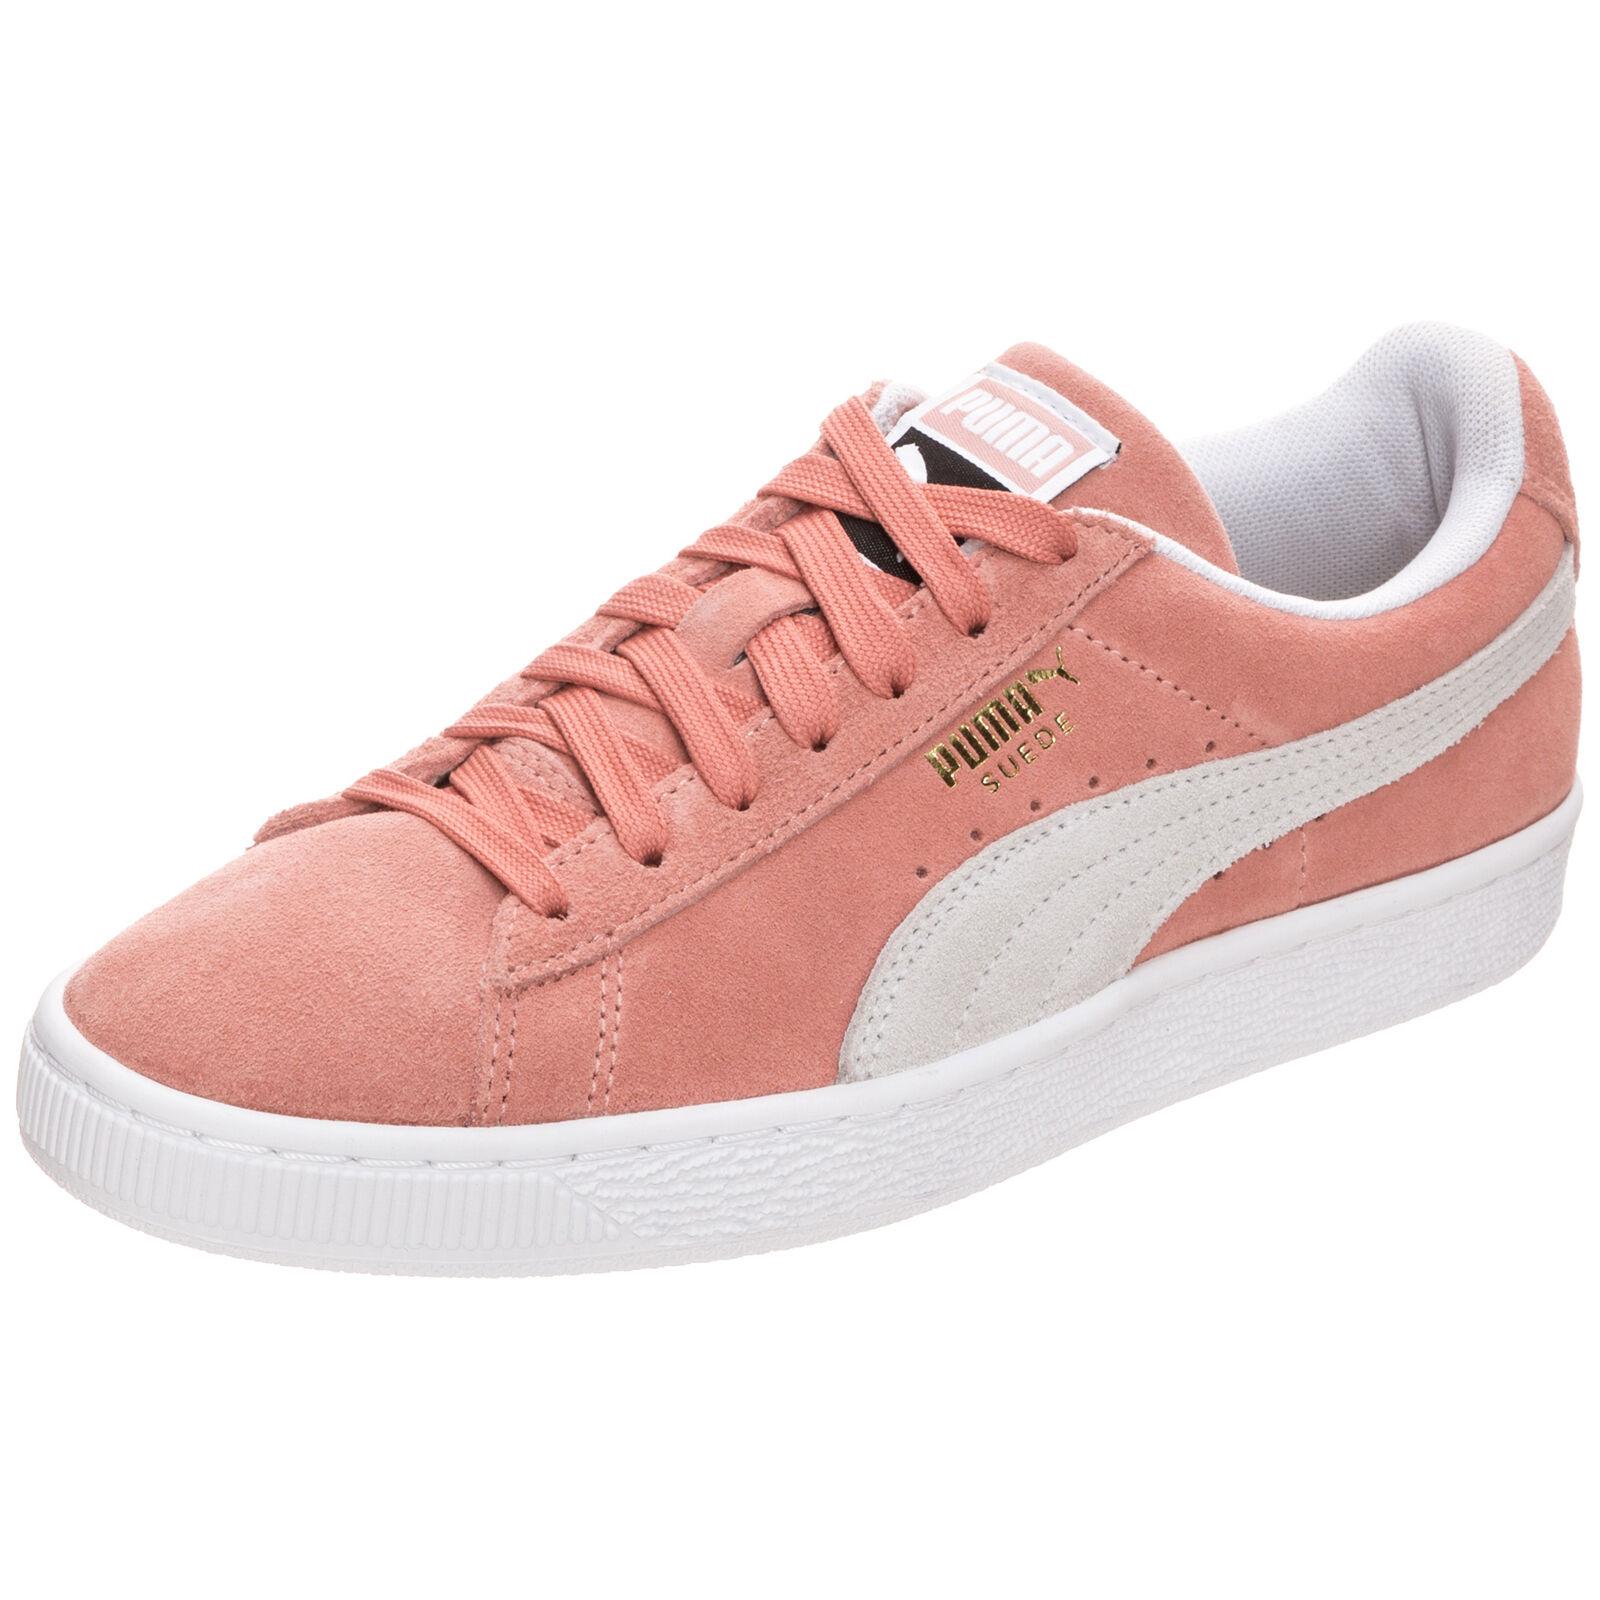 Puma Suede Classic Sneaker Damen rosa / grau NEU